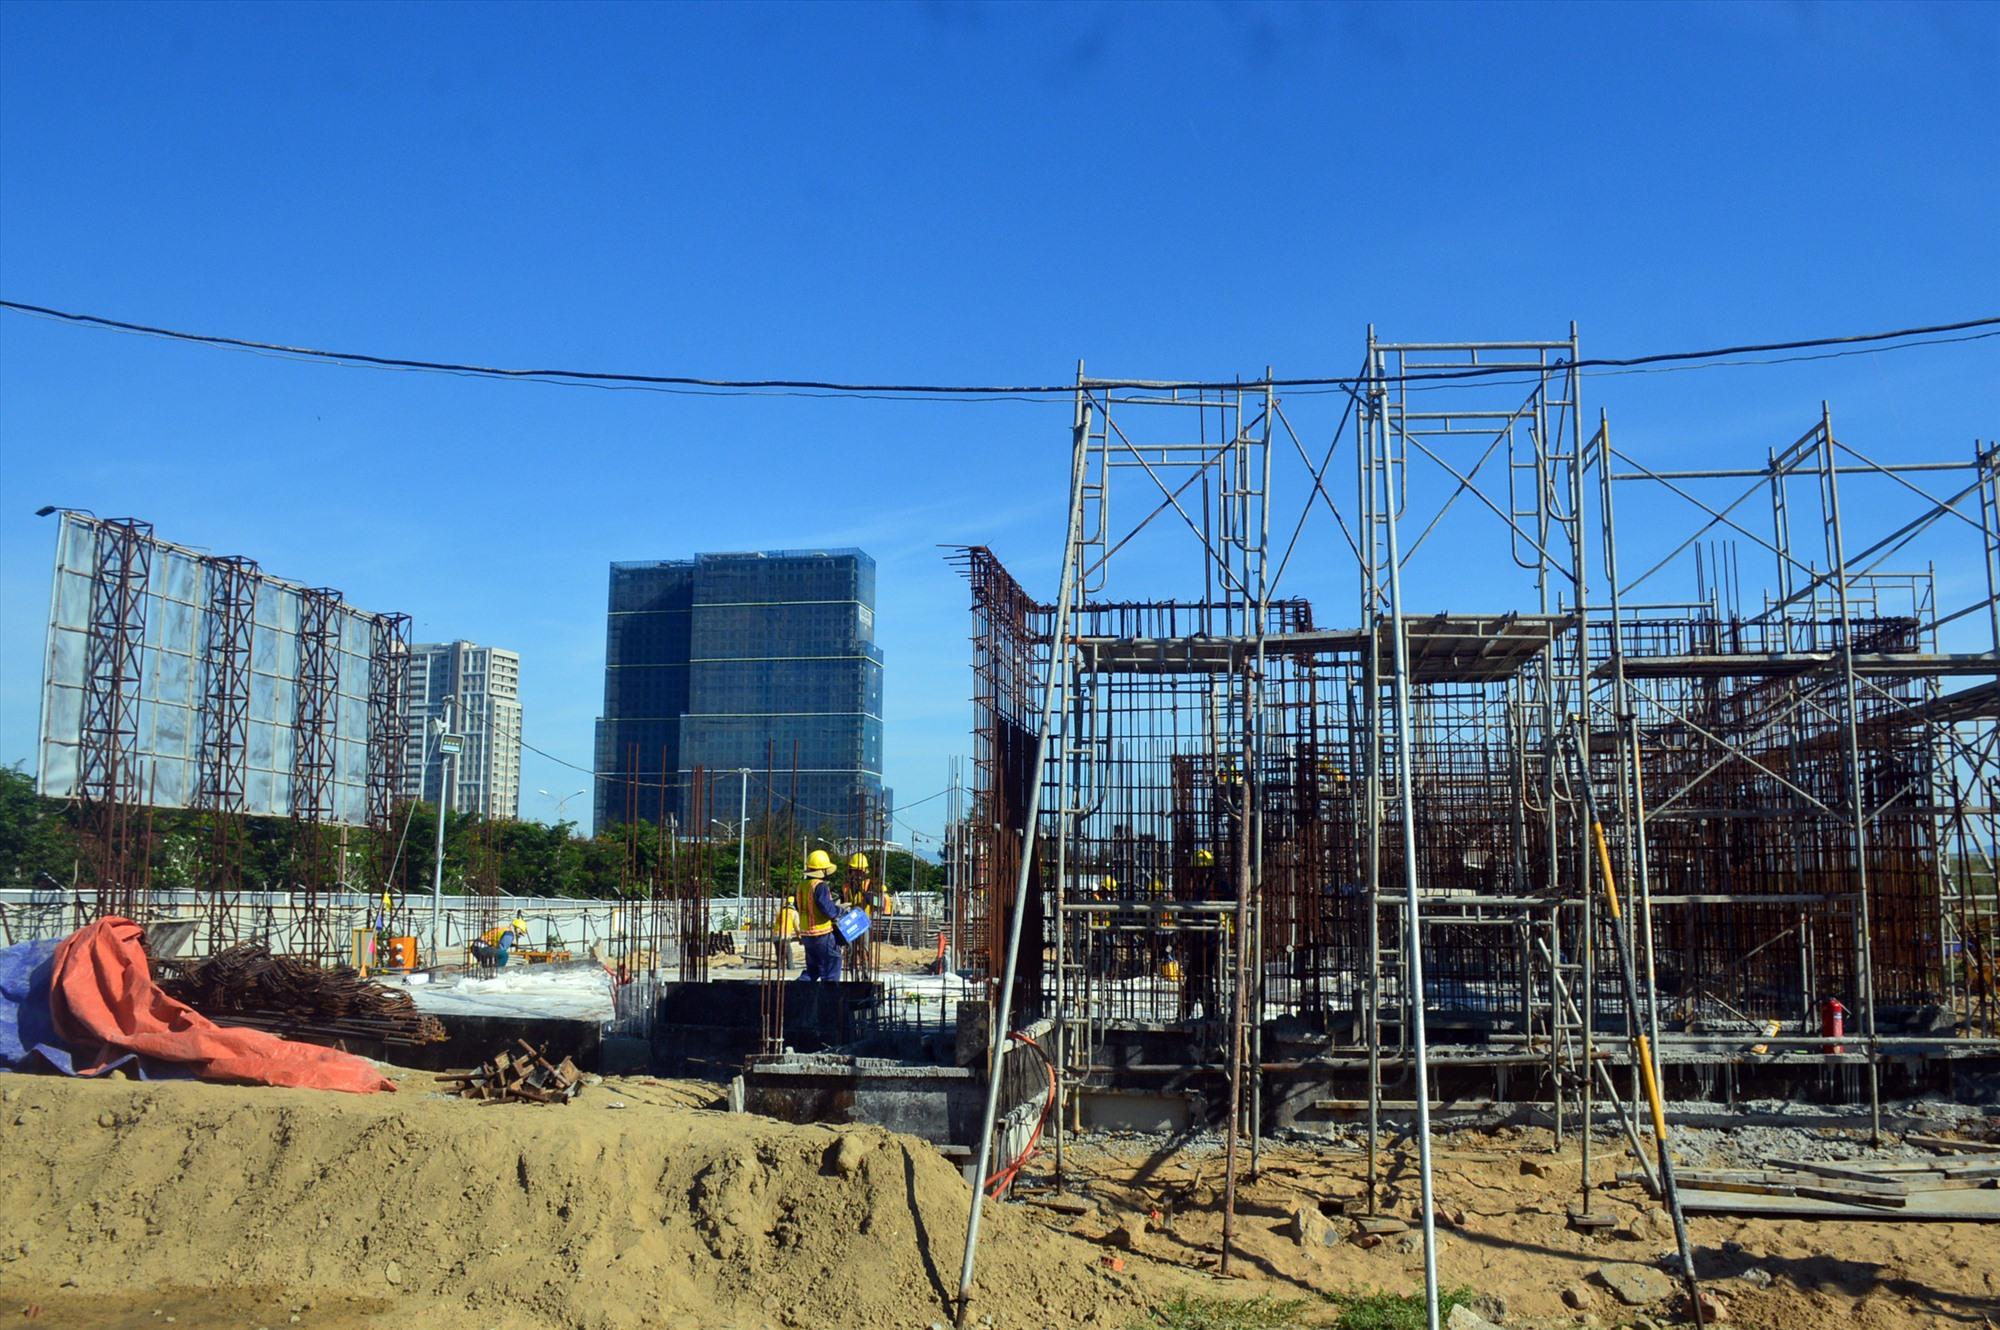 Điện Bàn cần nỗ lực hoàn thiện hạ tầng khung ở vùng đông thị xã. Ảnh: Q.T